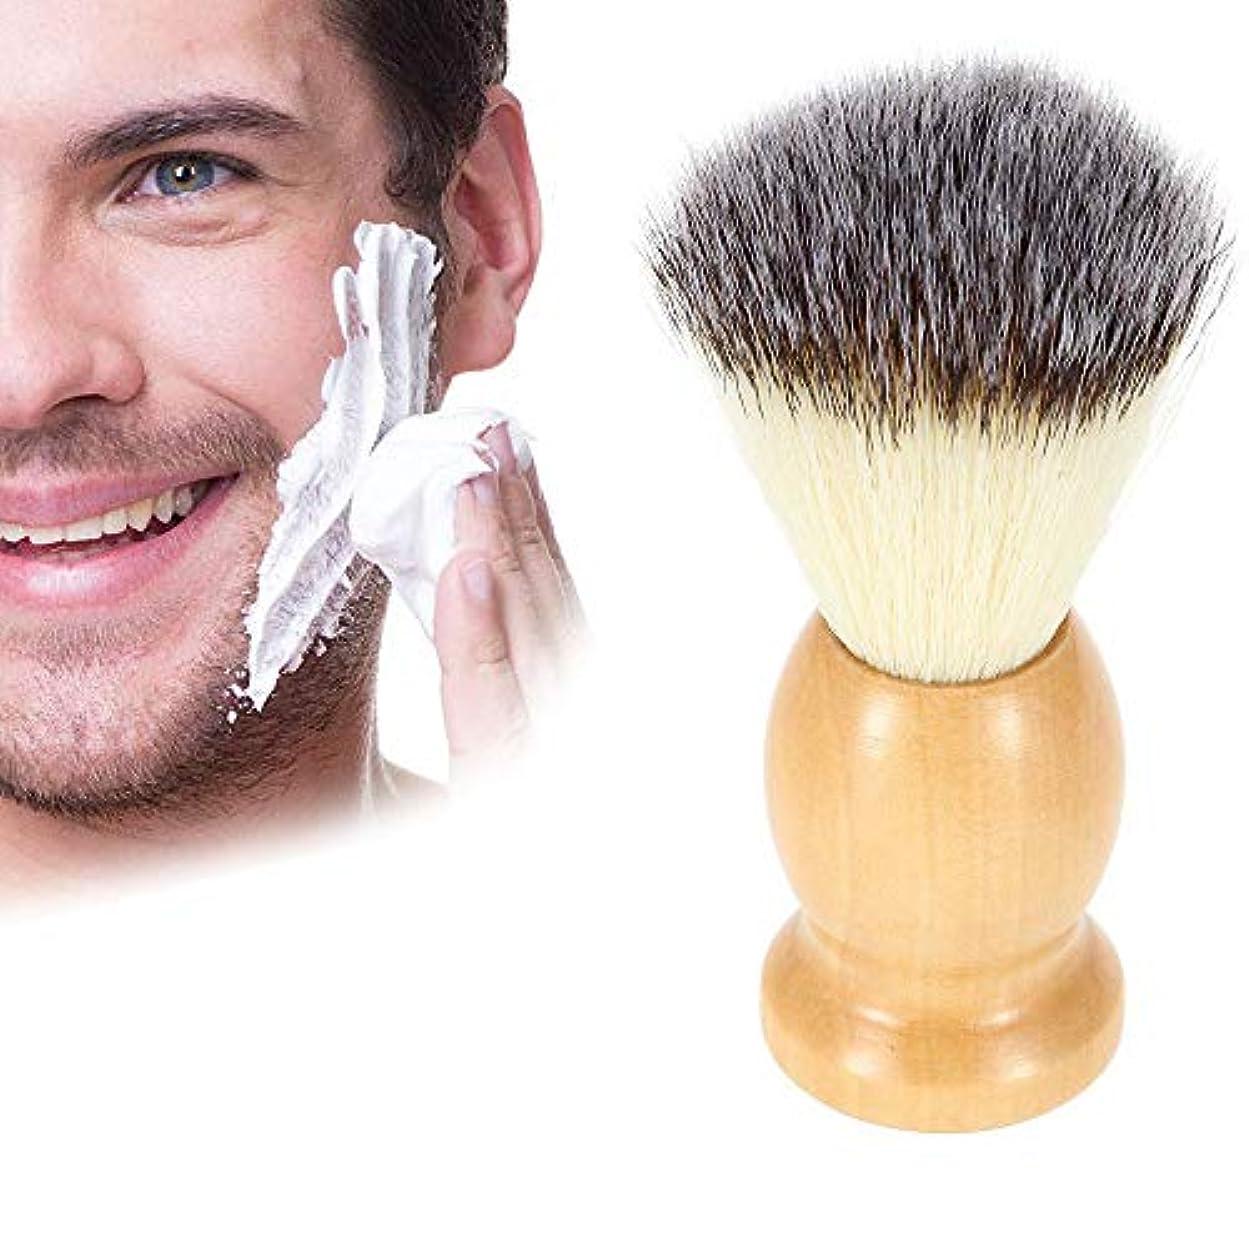 足首思いやり周術期Butokal ナイロンひげブラシ メンズ用ブラシ 木製ハンドルシェービングブラシ 泡立ち ひげブラシ 理容 洗顔 髭剃り ご主人 ボーイフレンド 友人 にプレゼント シェービング用アクセサリー